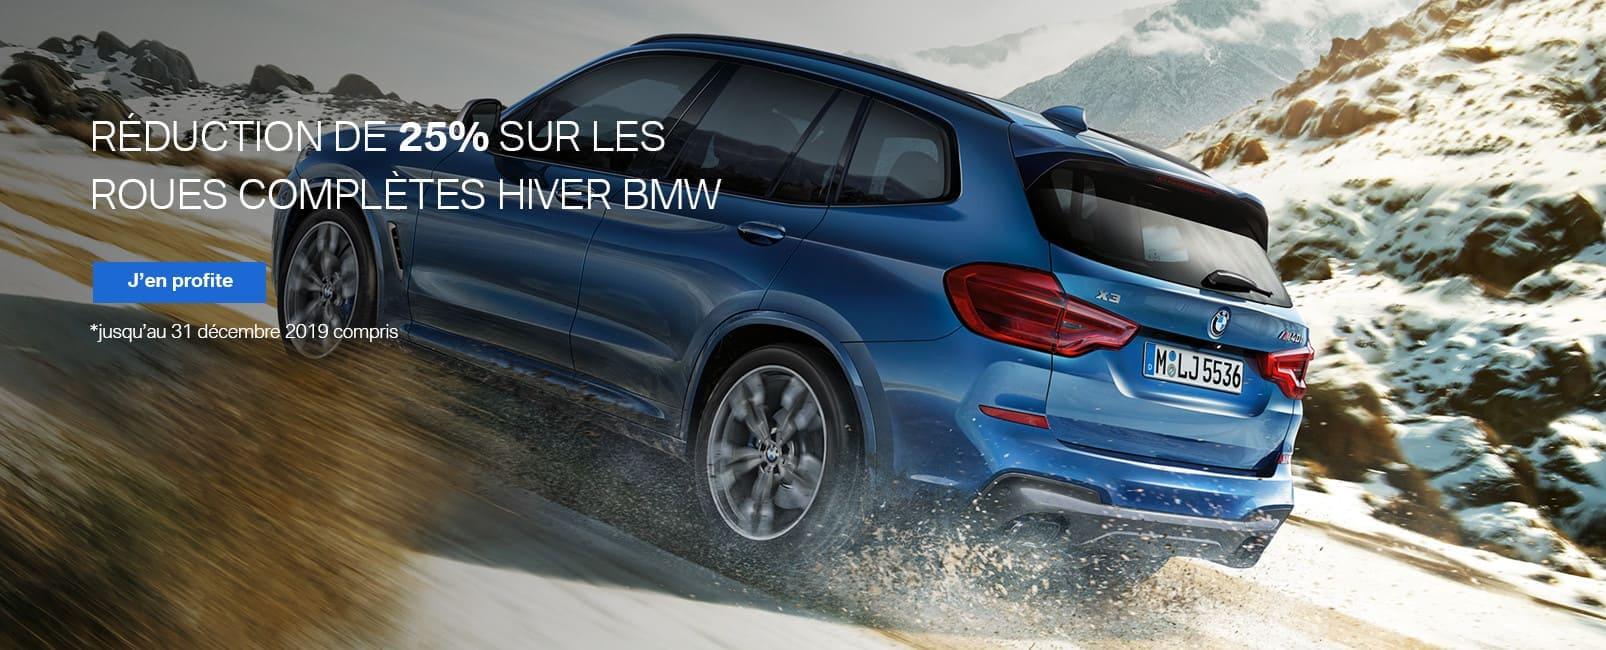 Réduction de 25% sur les roues complètes hiver BMW